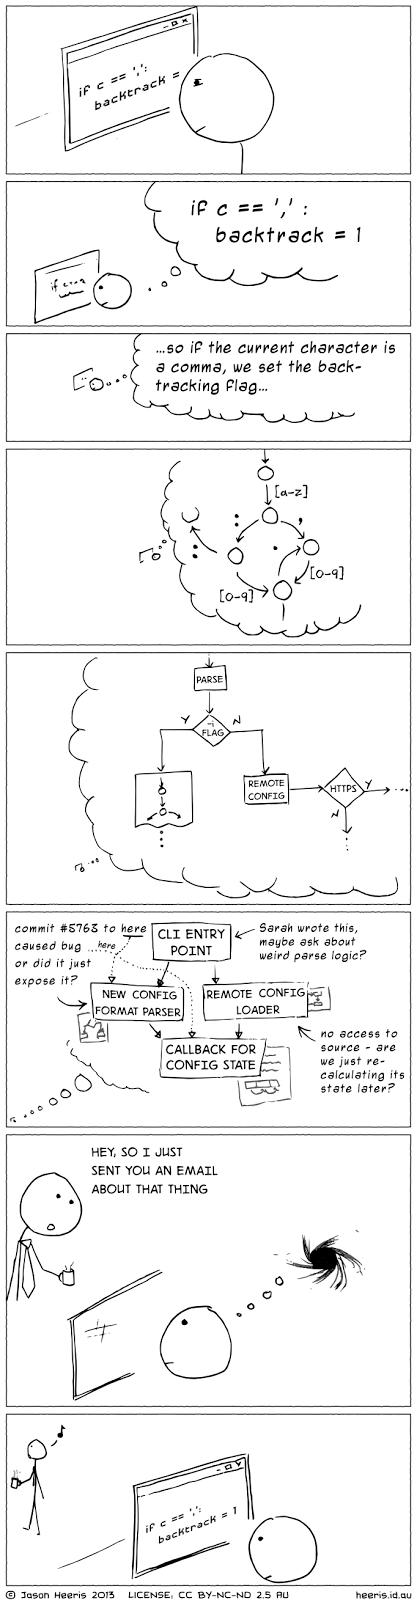 ProgrammerInterrupted.png